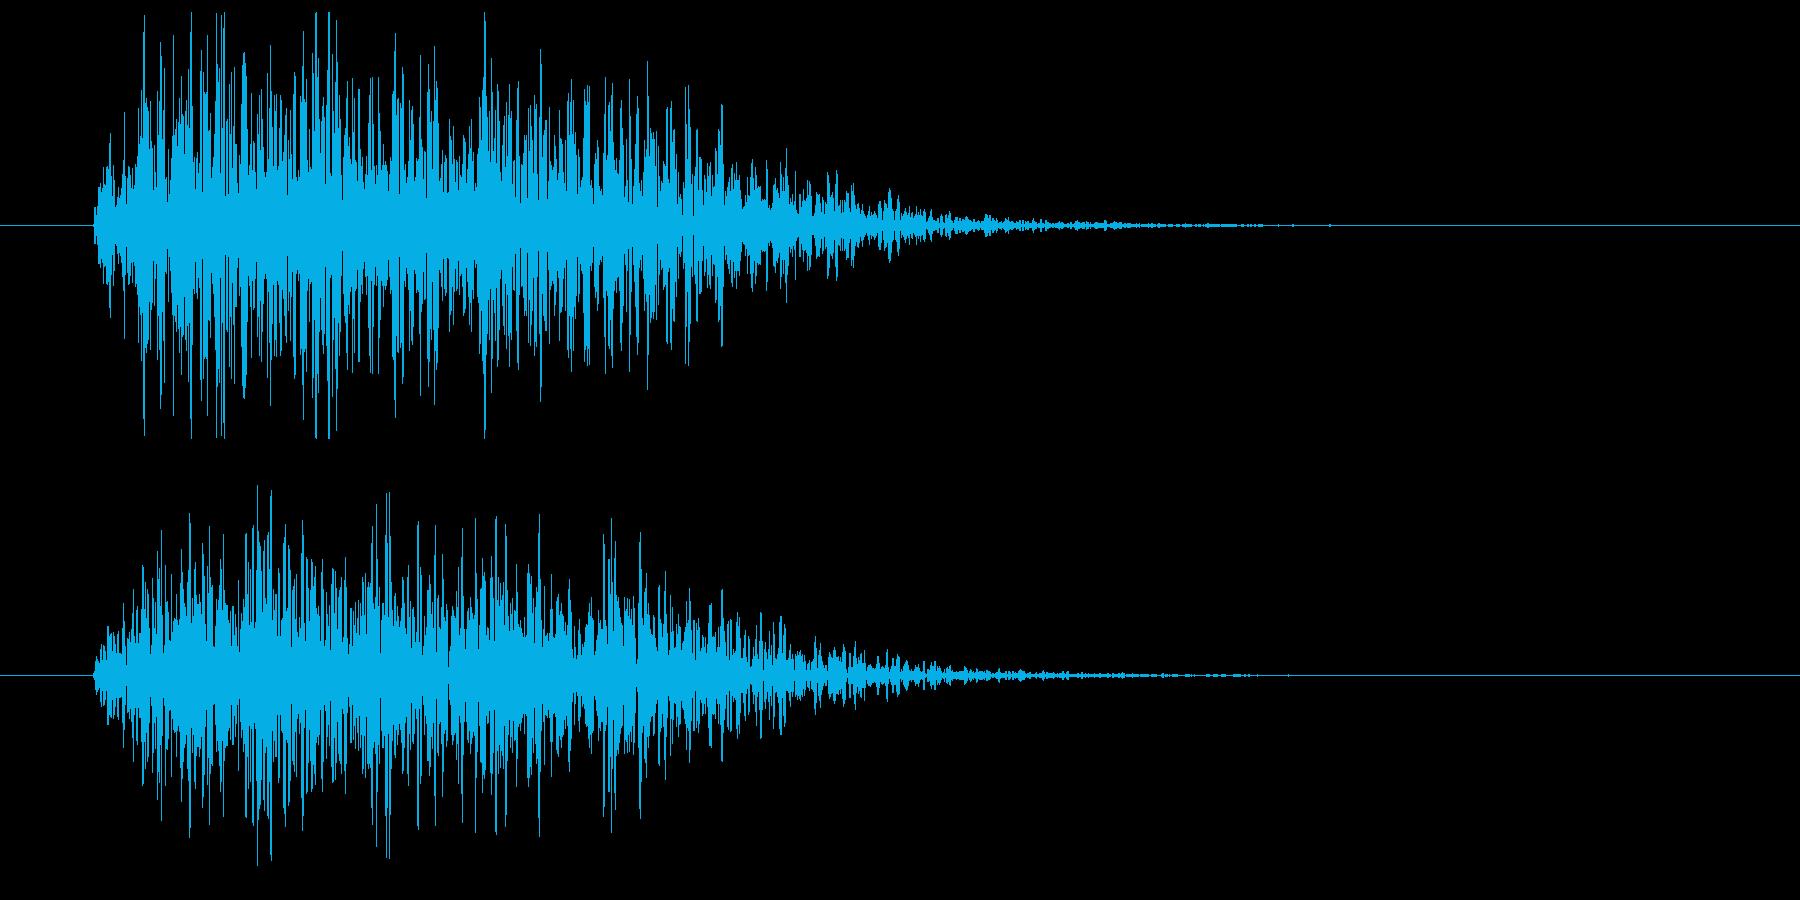 漫画ピアノヒットインパクトの再生済みの波形